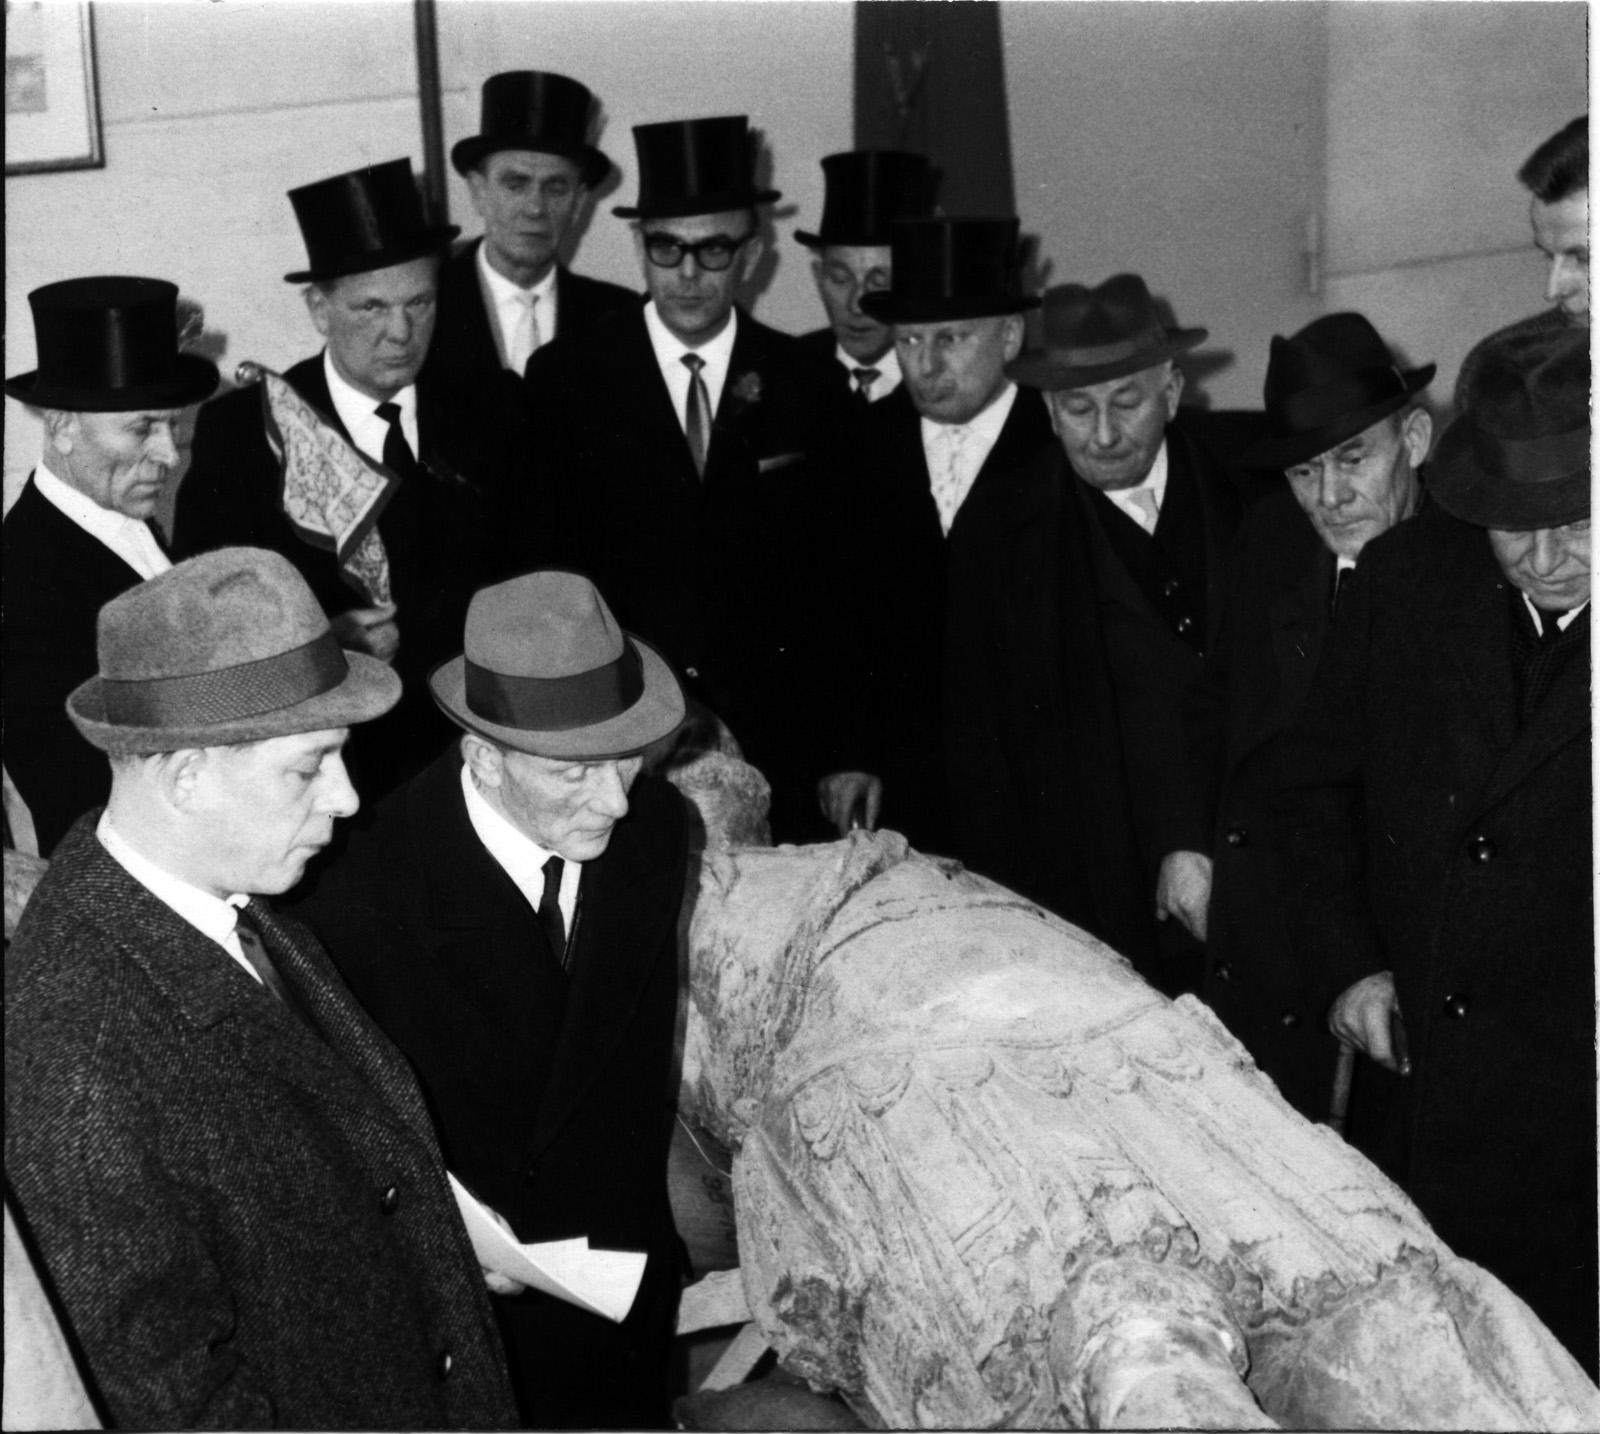 Vorstand der Bramstedter Fleckensgilde besucht Fa. Kolbe während der Restaurierung des Rolands